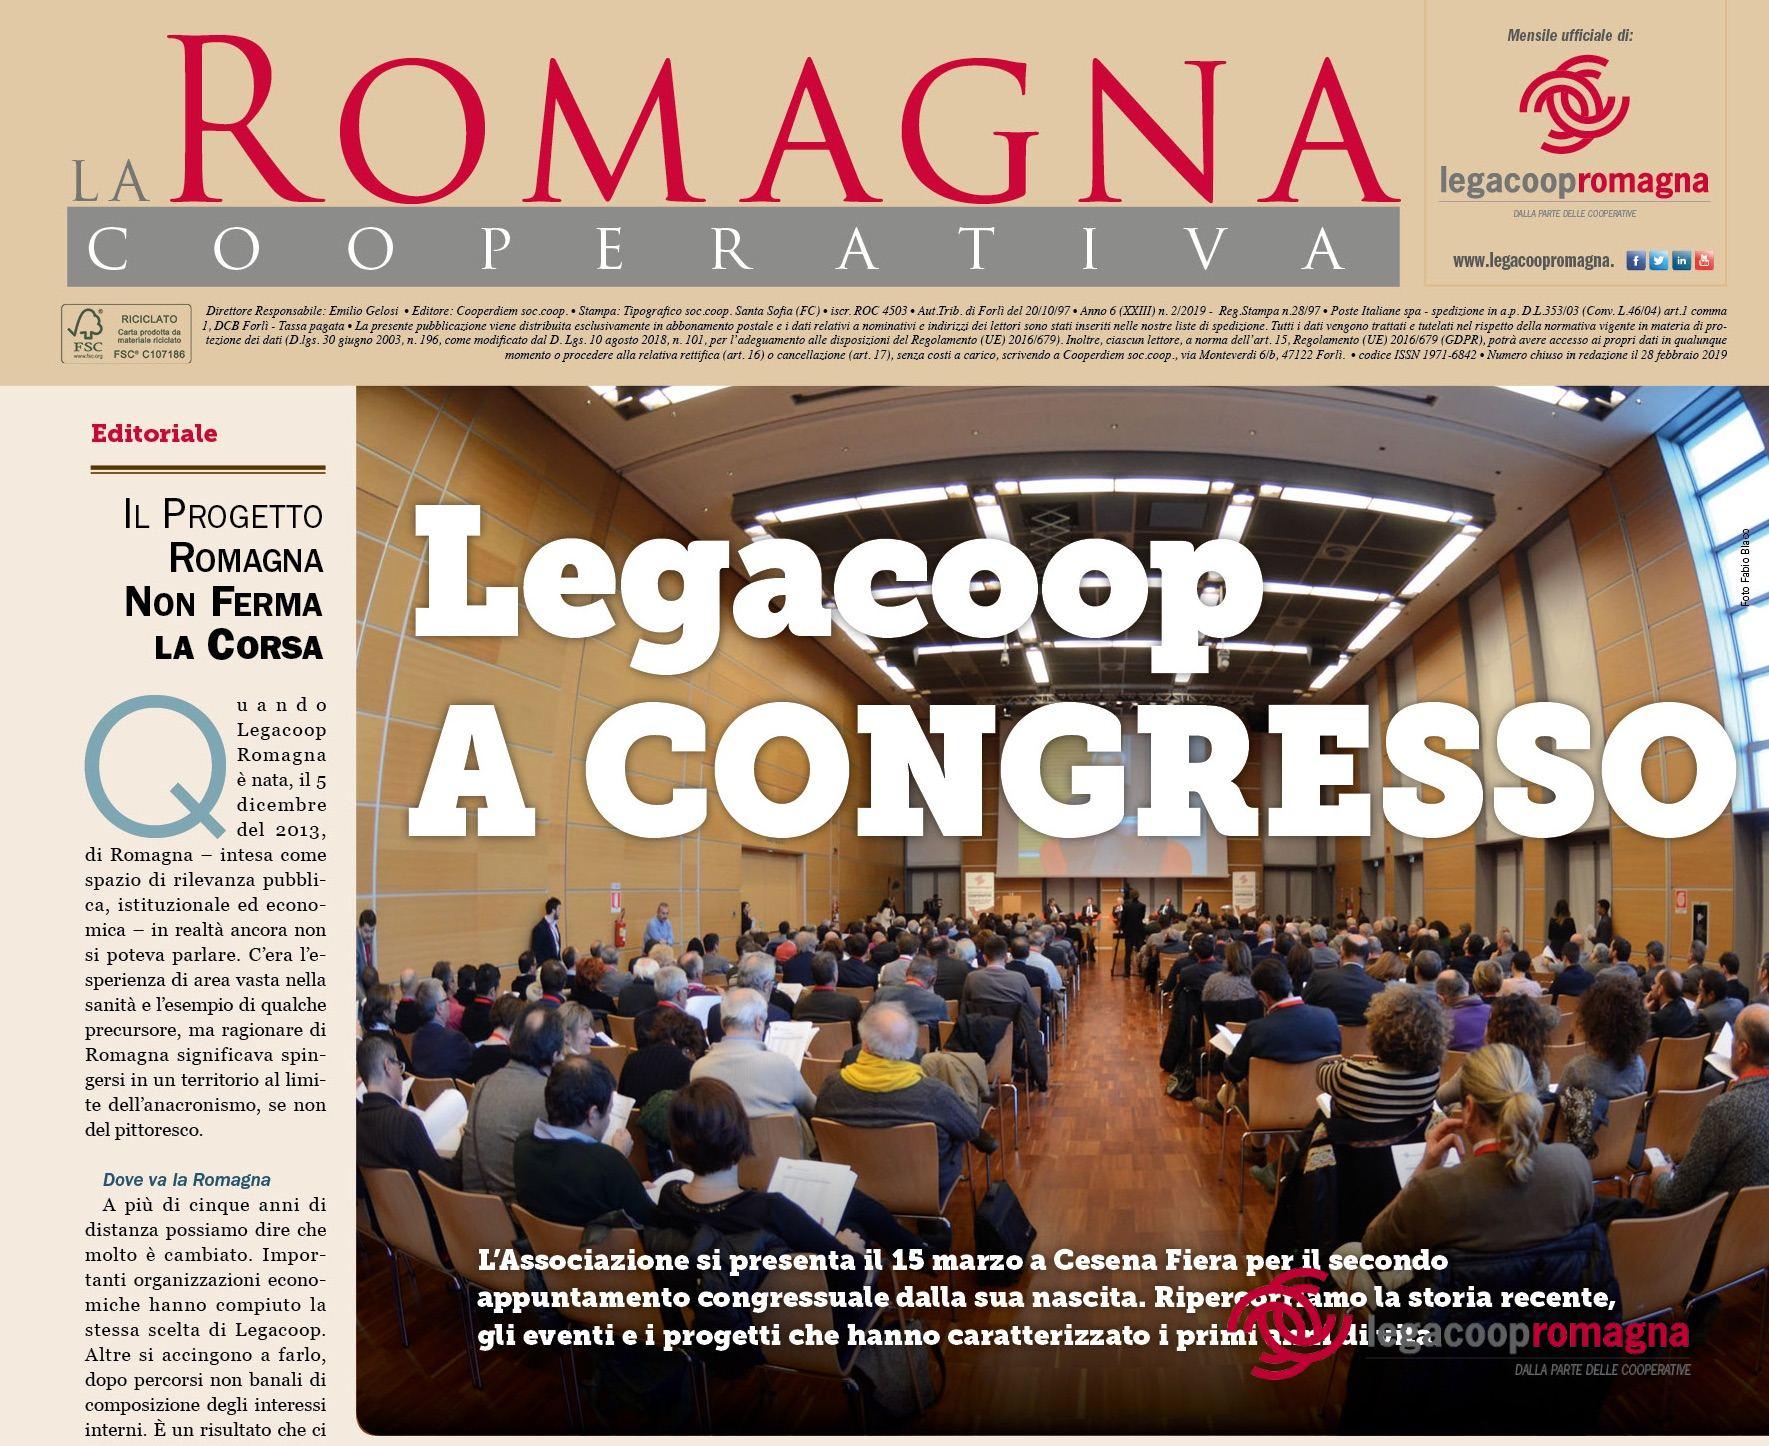 Legacoop a congresso – il nuovo numero della Romagna Cooperativa (2/2019)